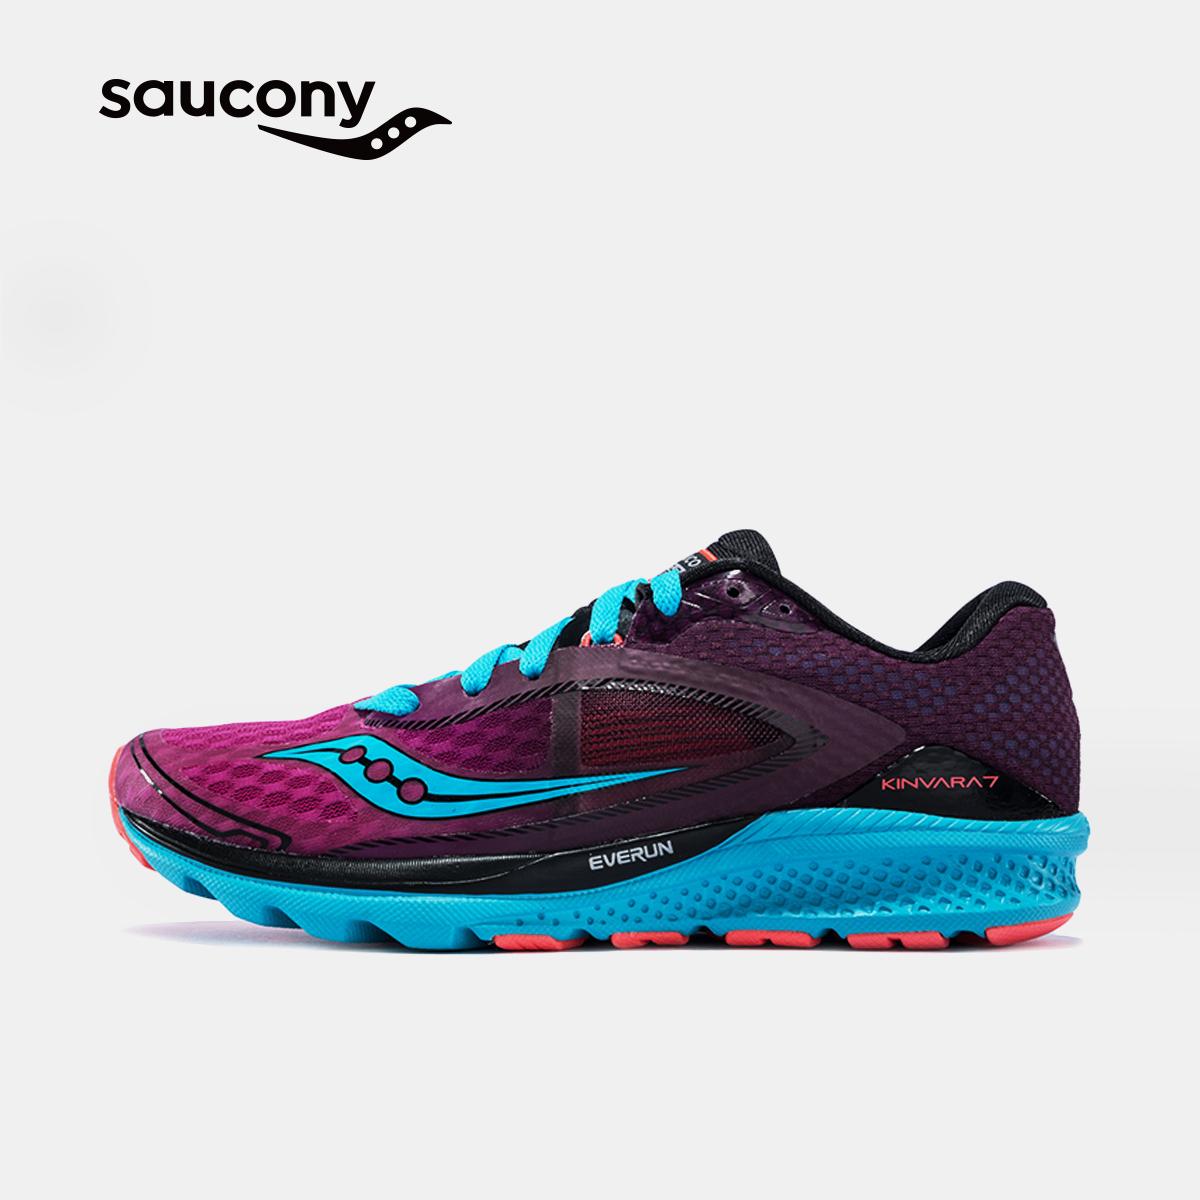 Saucony圣康尼 KINVARA 7 训练跑鞋 运动鞋女子跑步鞋 S10298-A